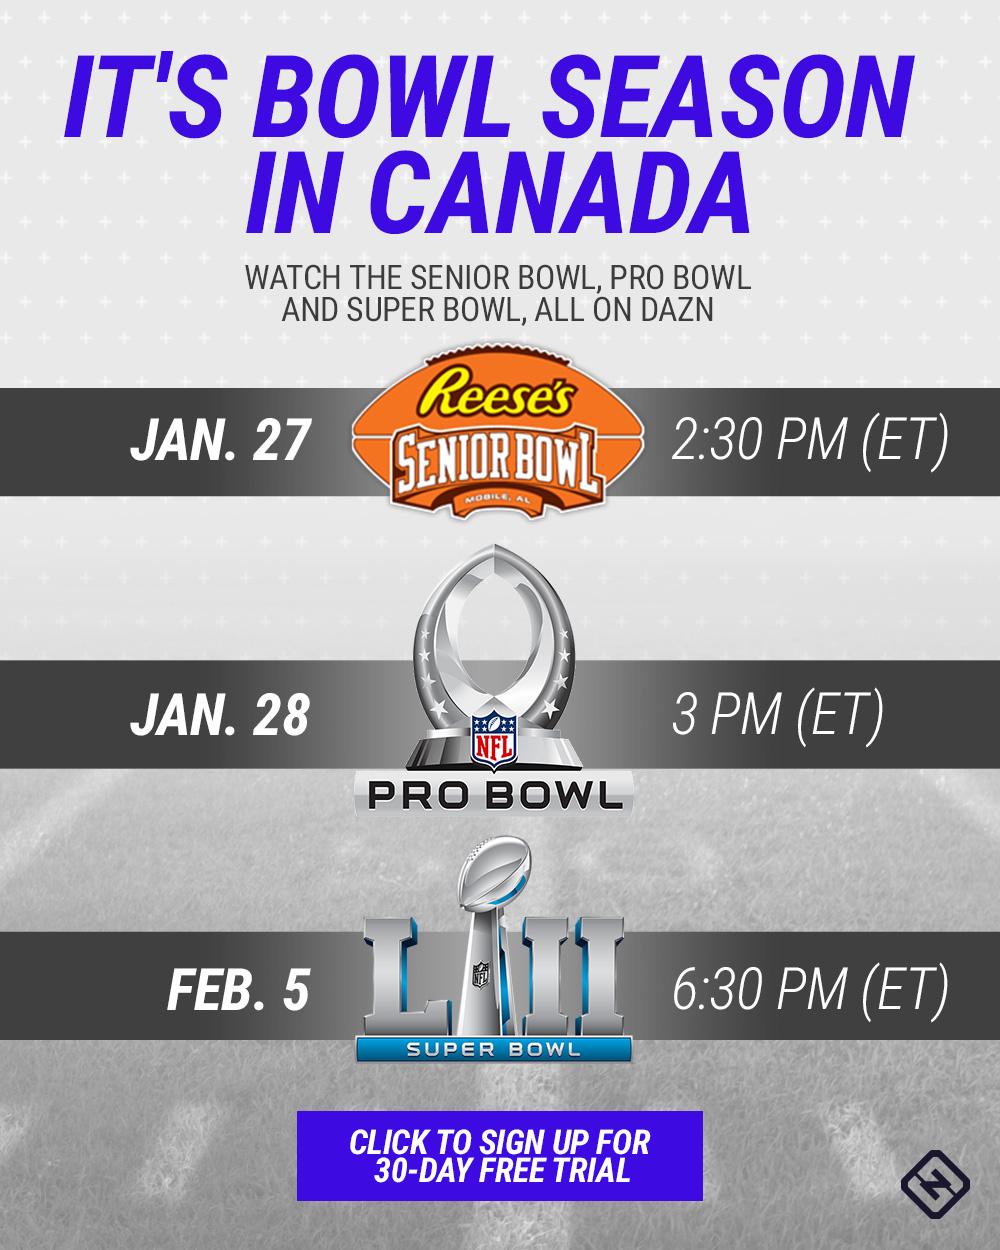 DAZN_Bowl-Season_Canada.jpg